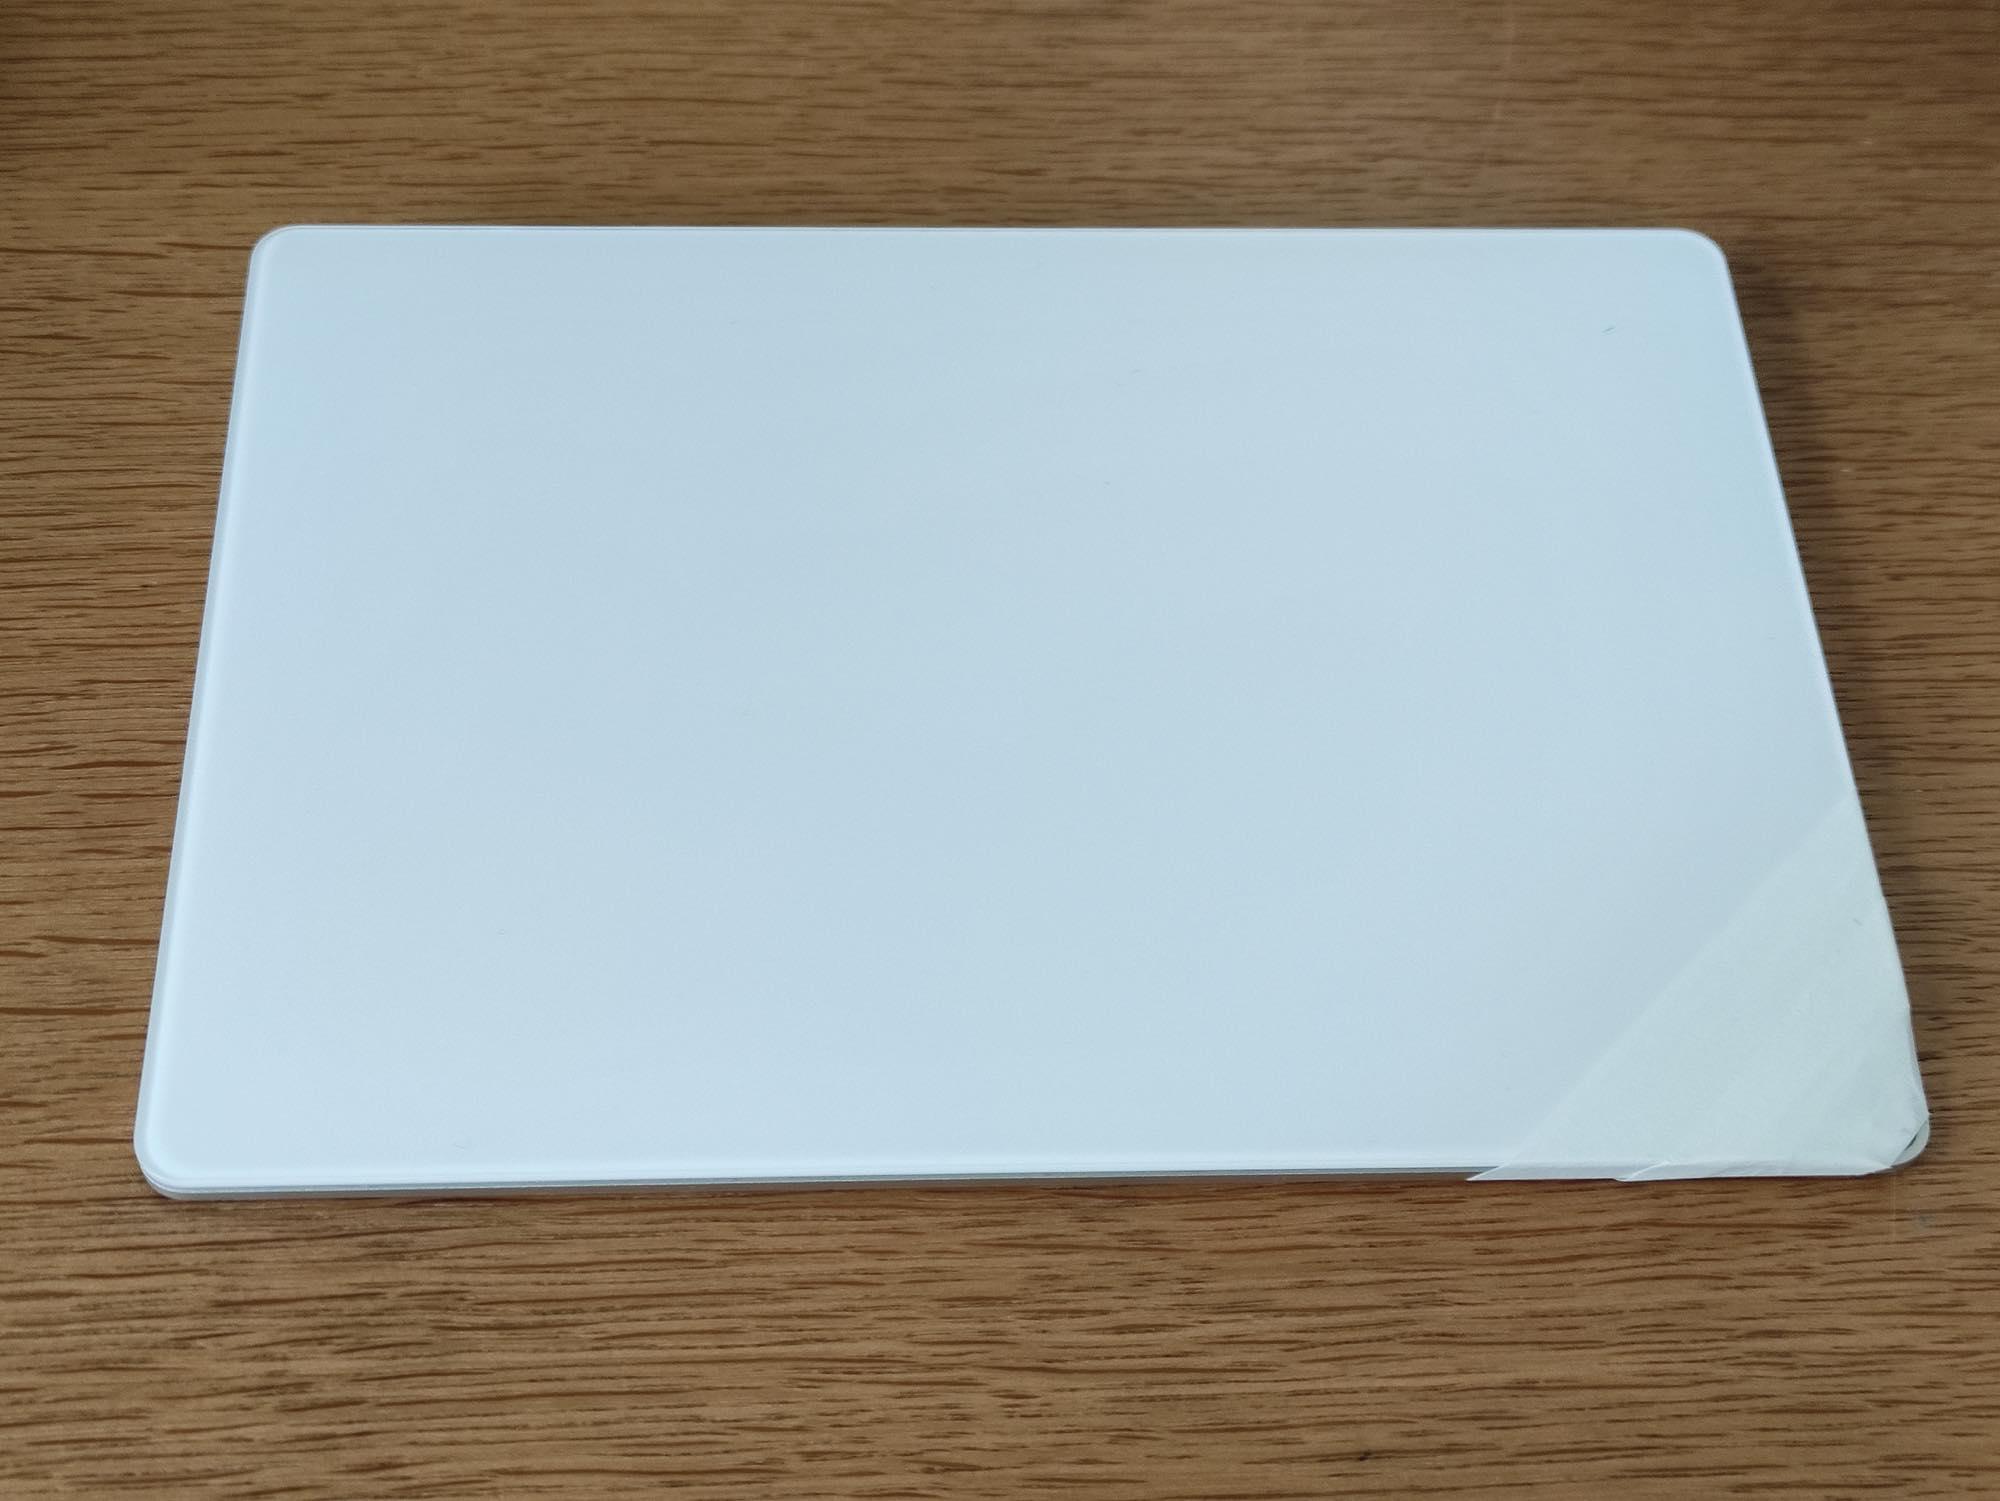 Magic Trackpad 2の角が割れたので目立たなくしてみる